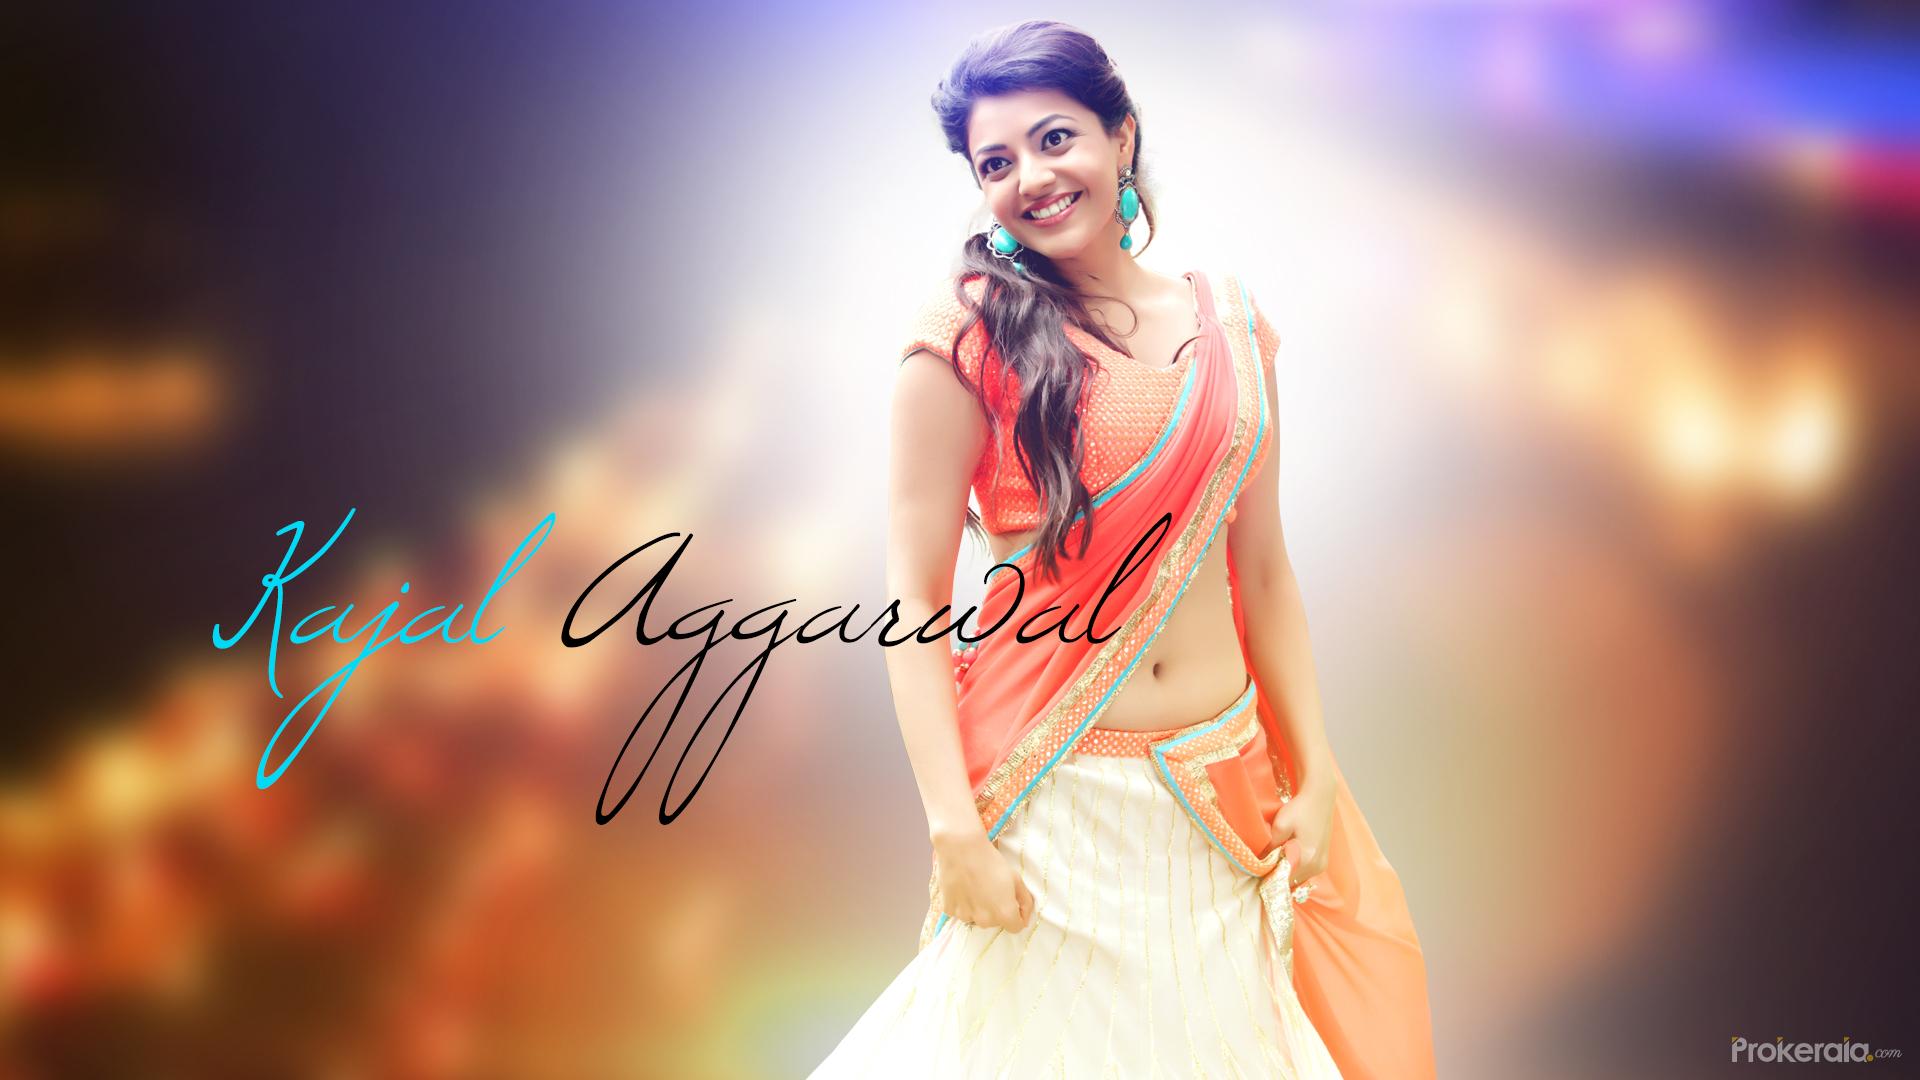 Image result for Kajal Aggarwal